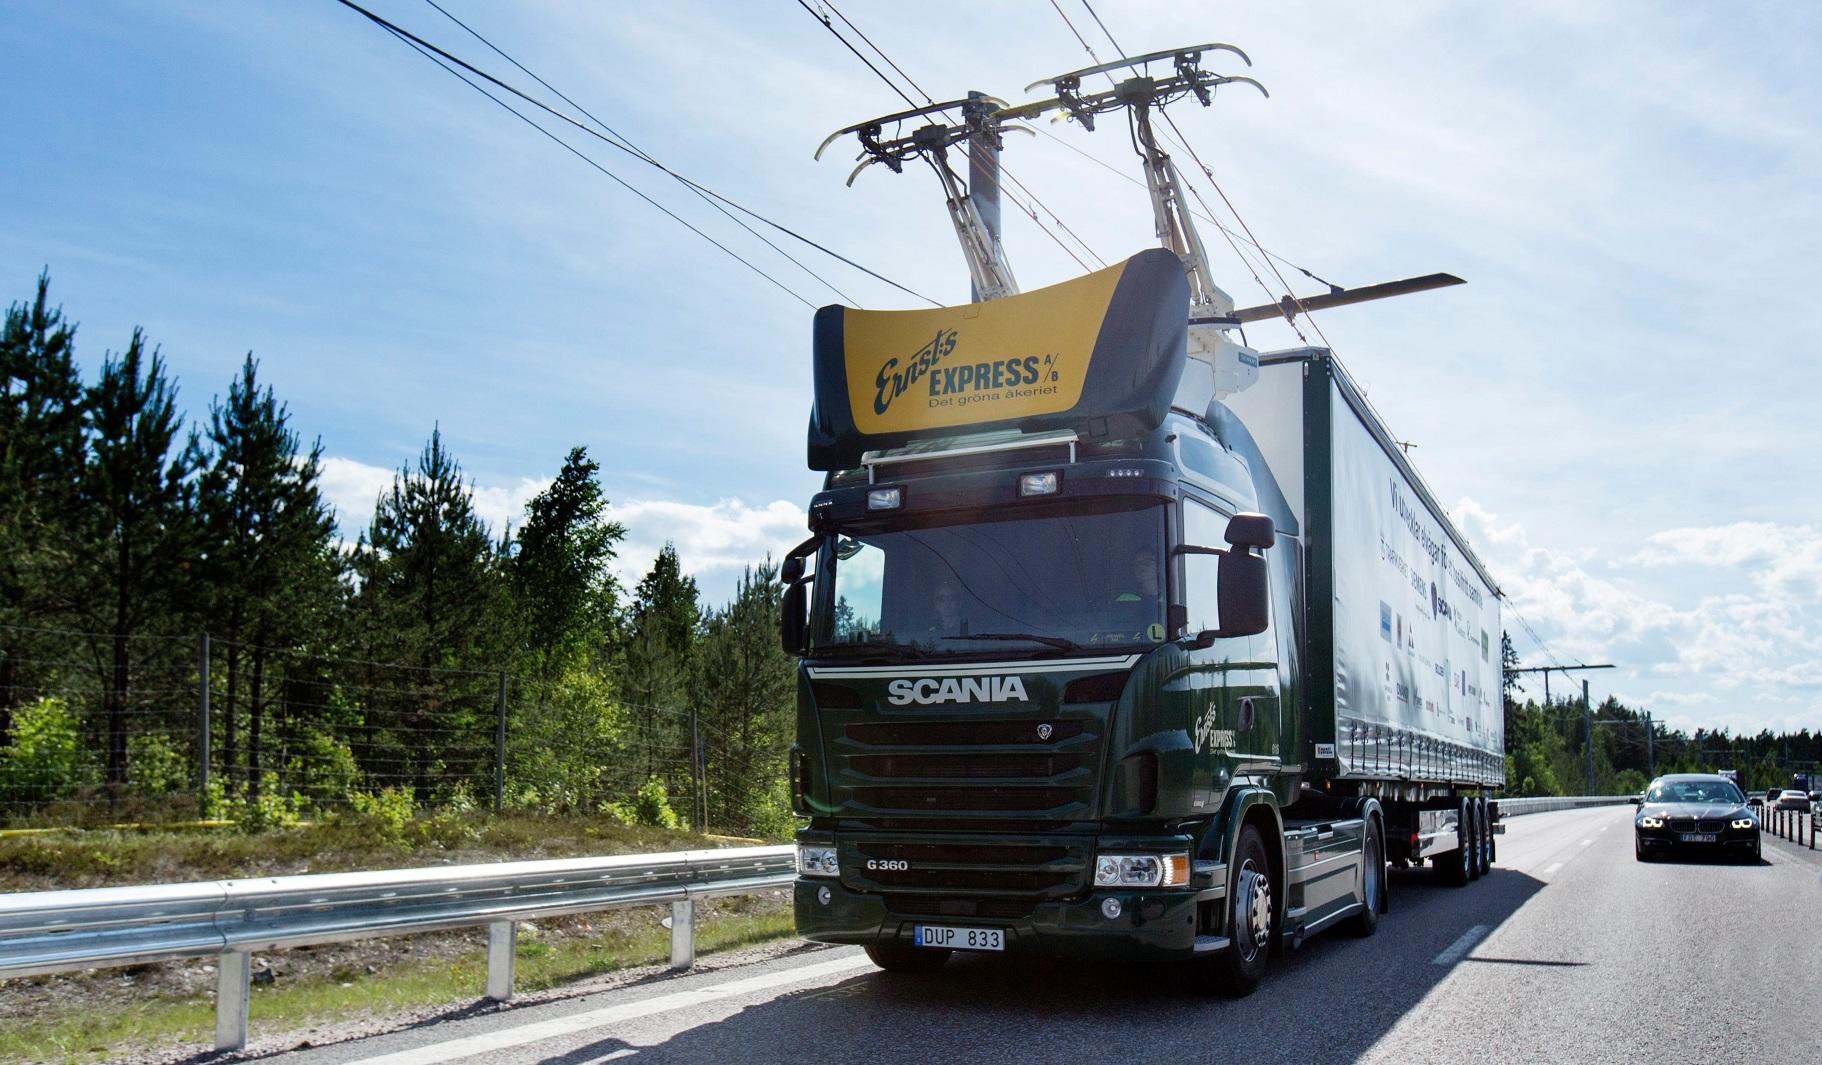 O caminhão híbrido circula utilizando a energia da linha elétrica (Foto: Scania CV AB)